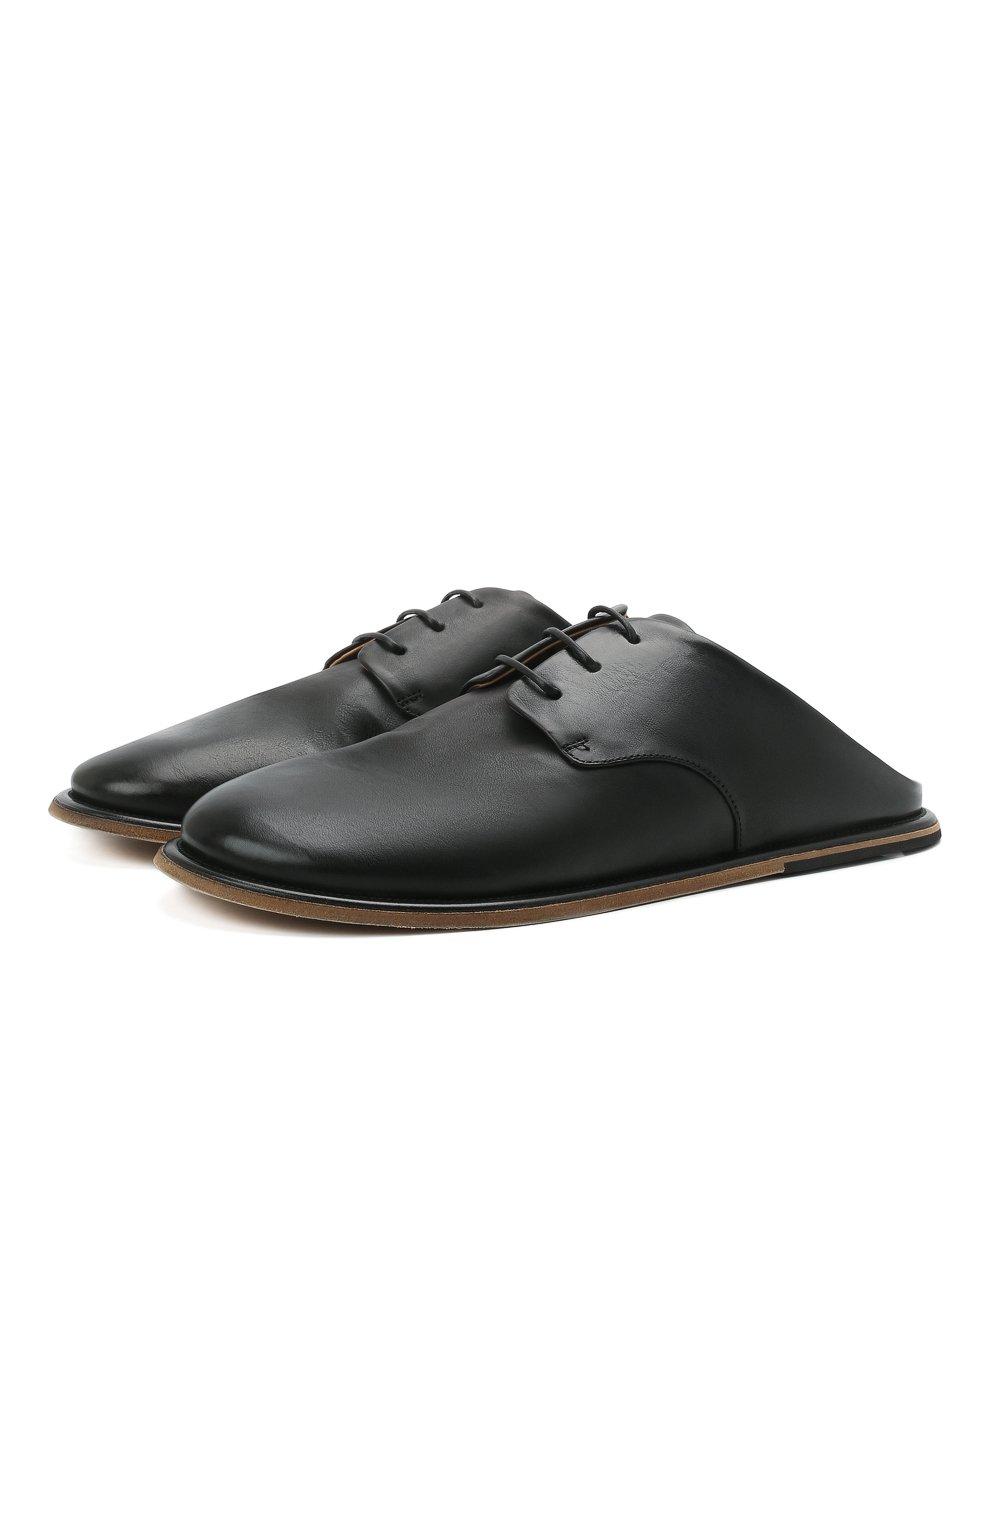 Мужские кожаные сабо MARSELL черного цвета, арт. MM4161/PELLE VITELL0 | Фото 1 (Материал внутренний: Натуральная кожа)